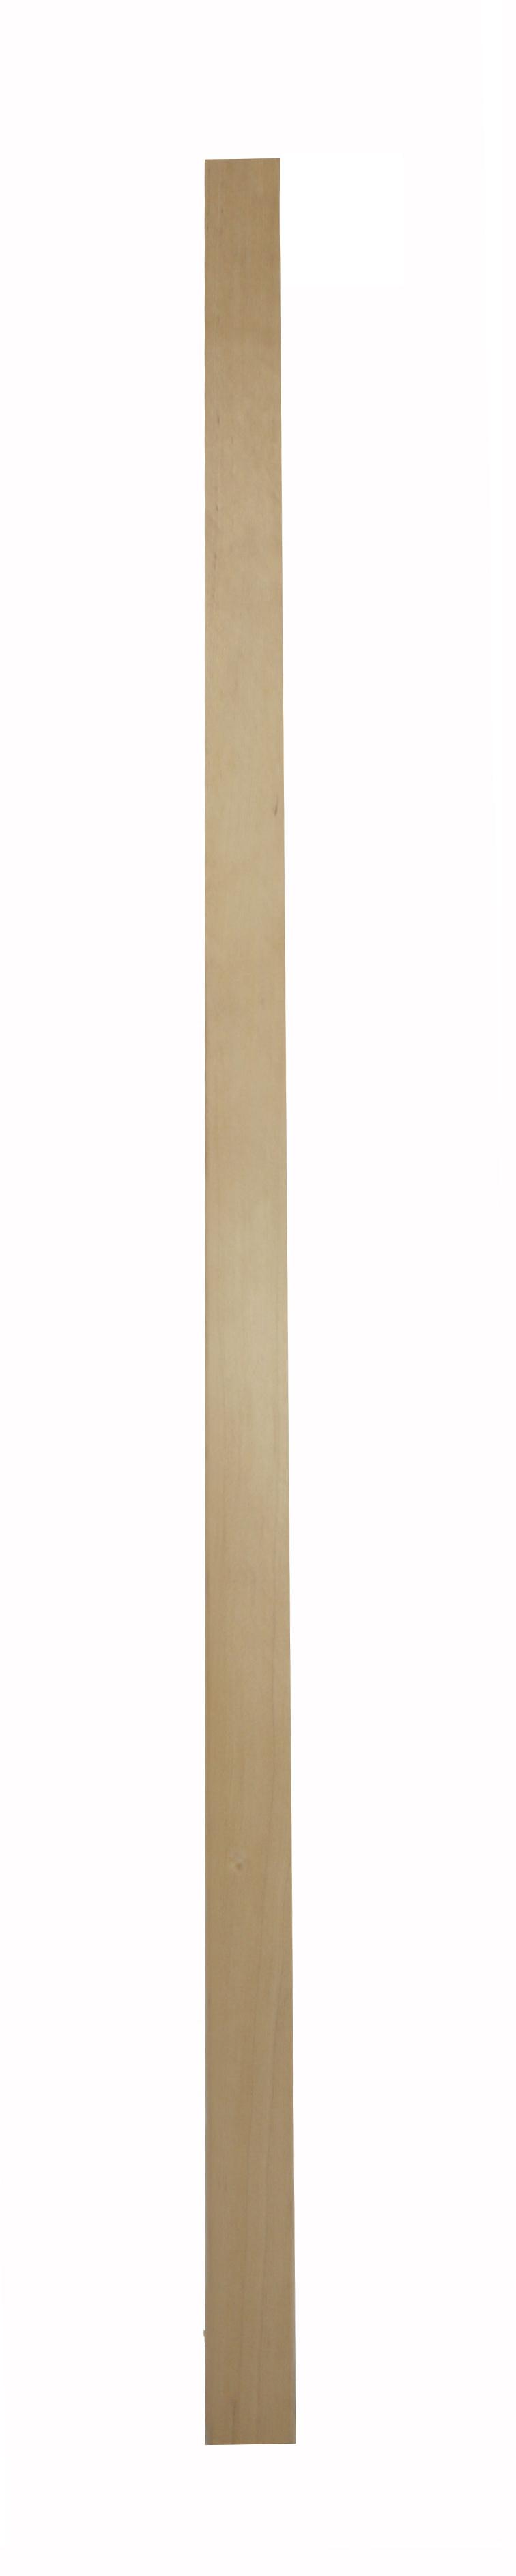 1 Hemlock Plain Baluster 1100 32